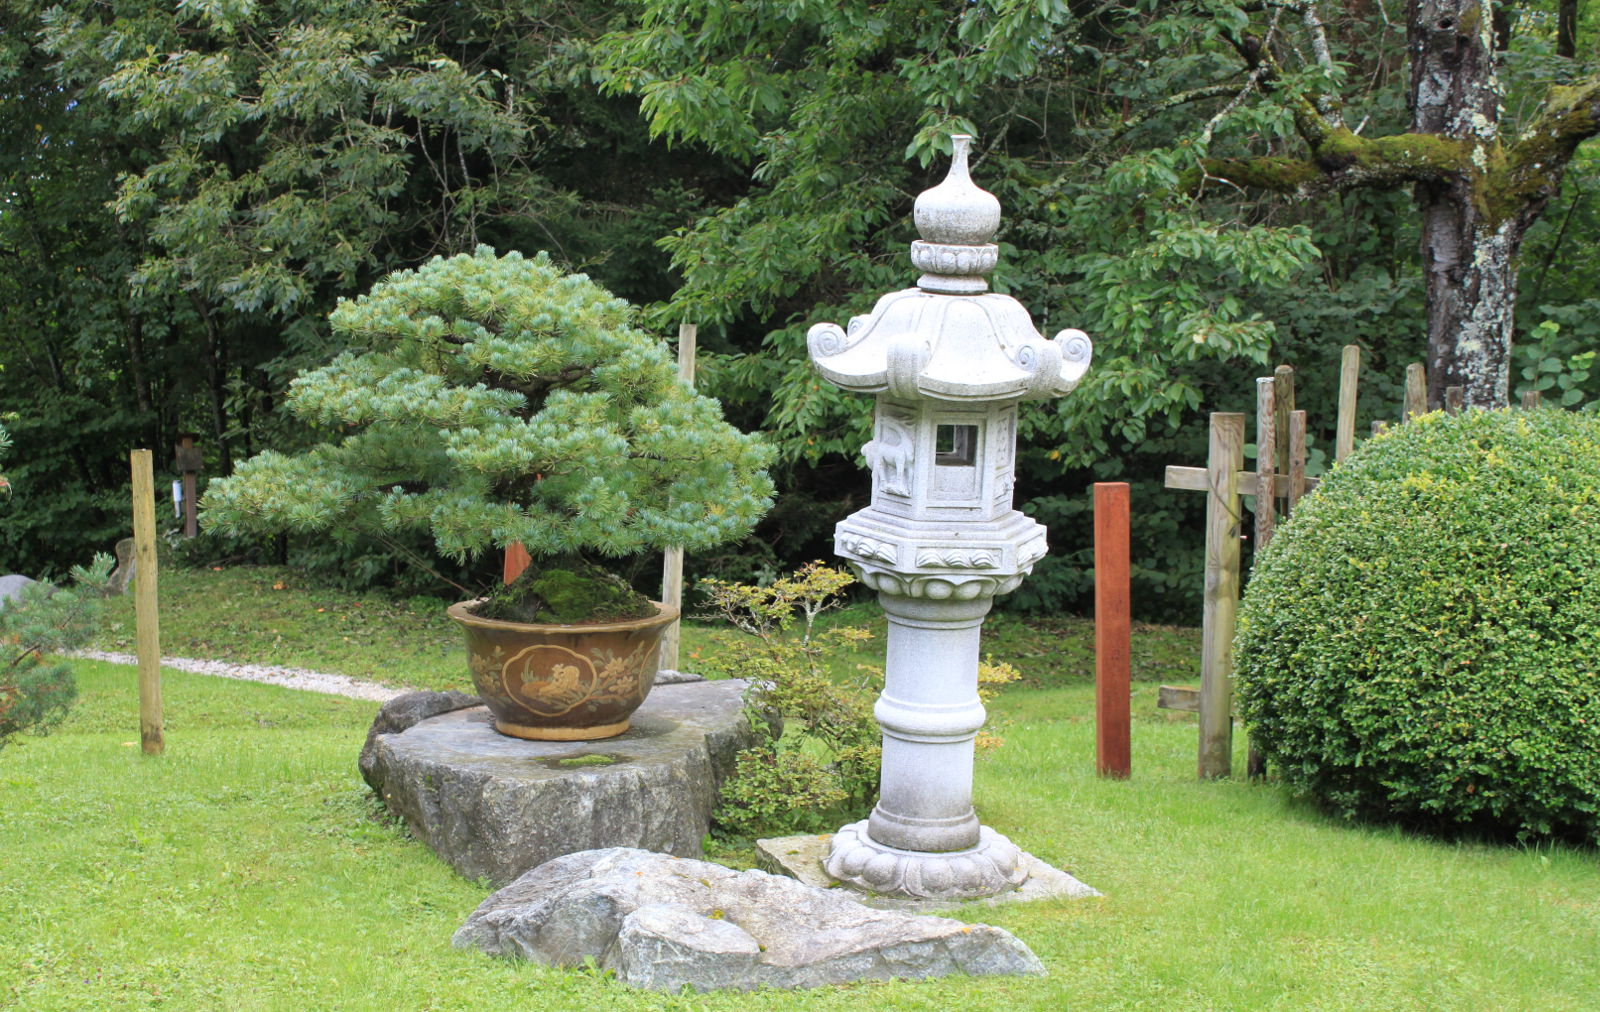 Krásne starú borovicu dopĺňa mohutná kamenná lampa.